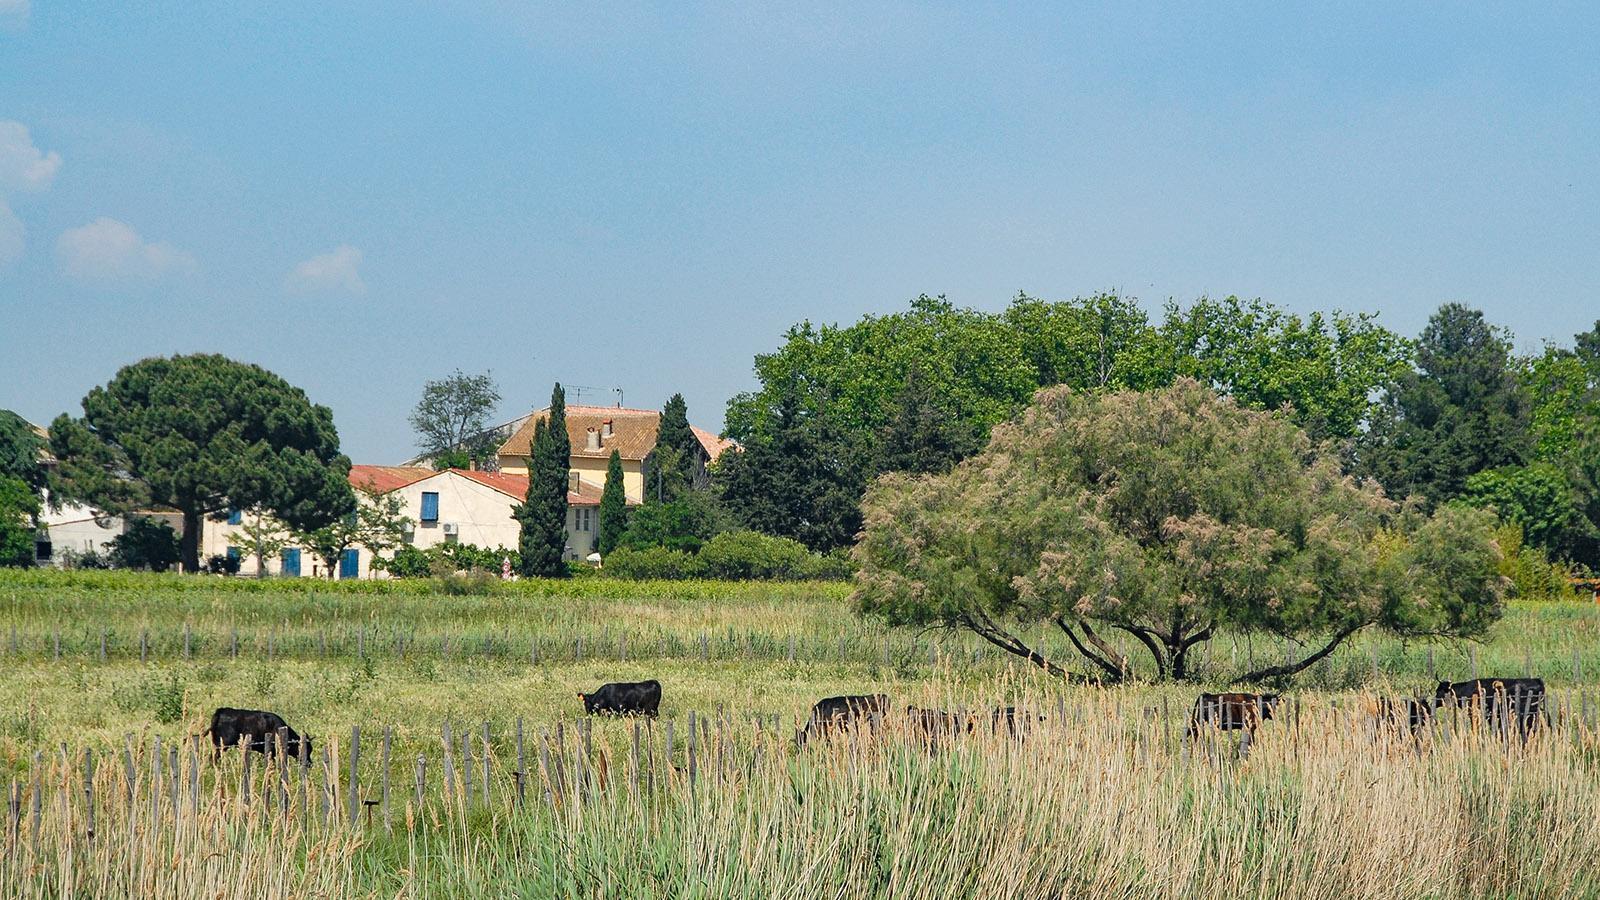 Stere: Aigues-Mortes: eine Manade am Kanal nach Le Grau-du-Roi. Foto: Hilke Maunder